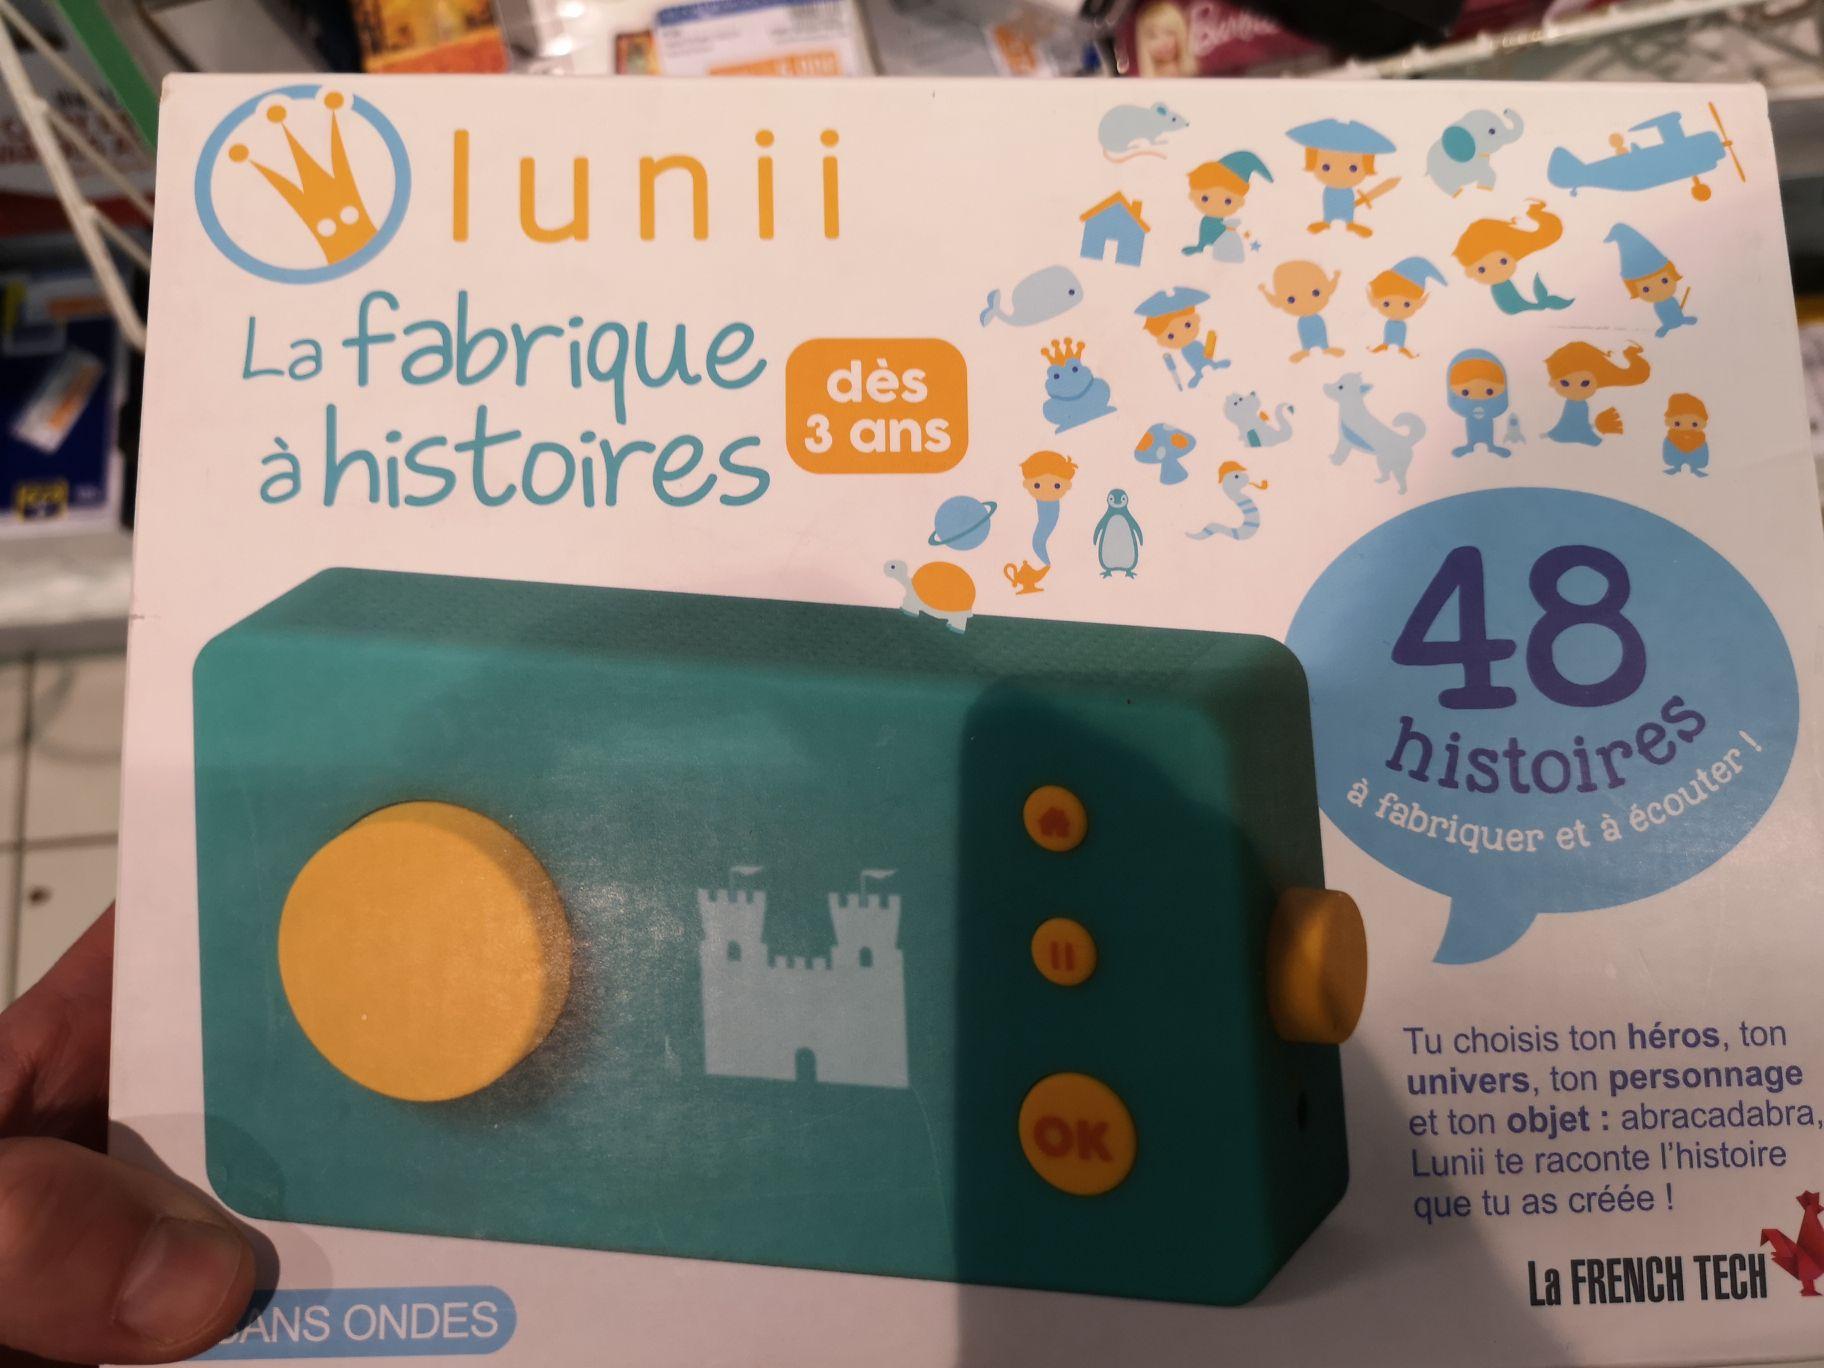 Lunii : La Fabrique à histoire - Menneval (27)